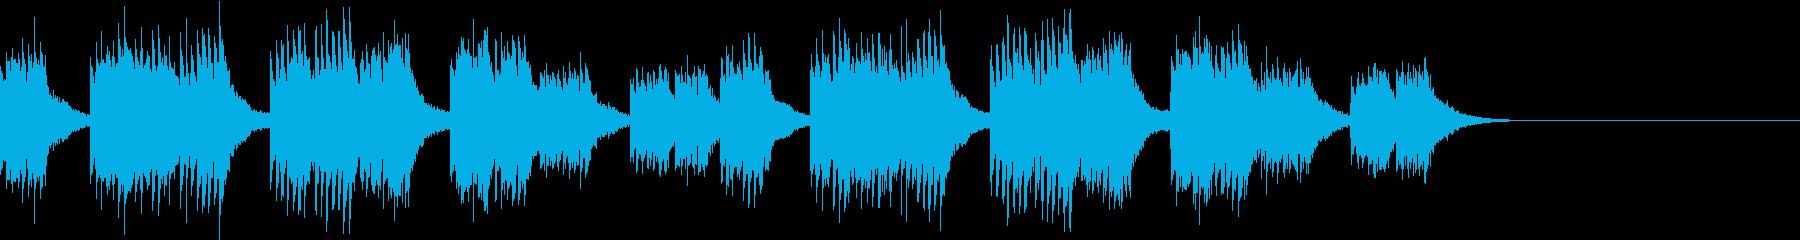 着信・映像場面転換等便利系の再生済みの波形